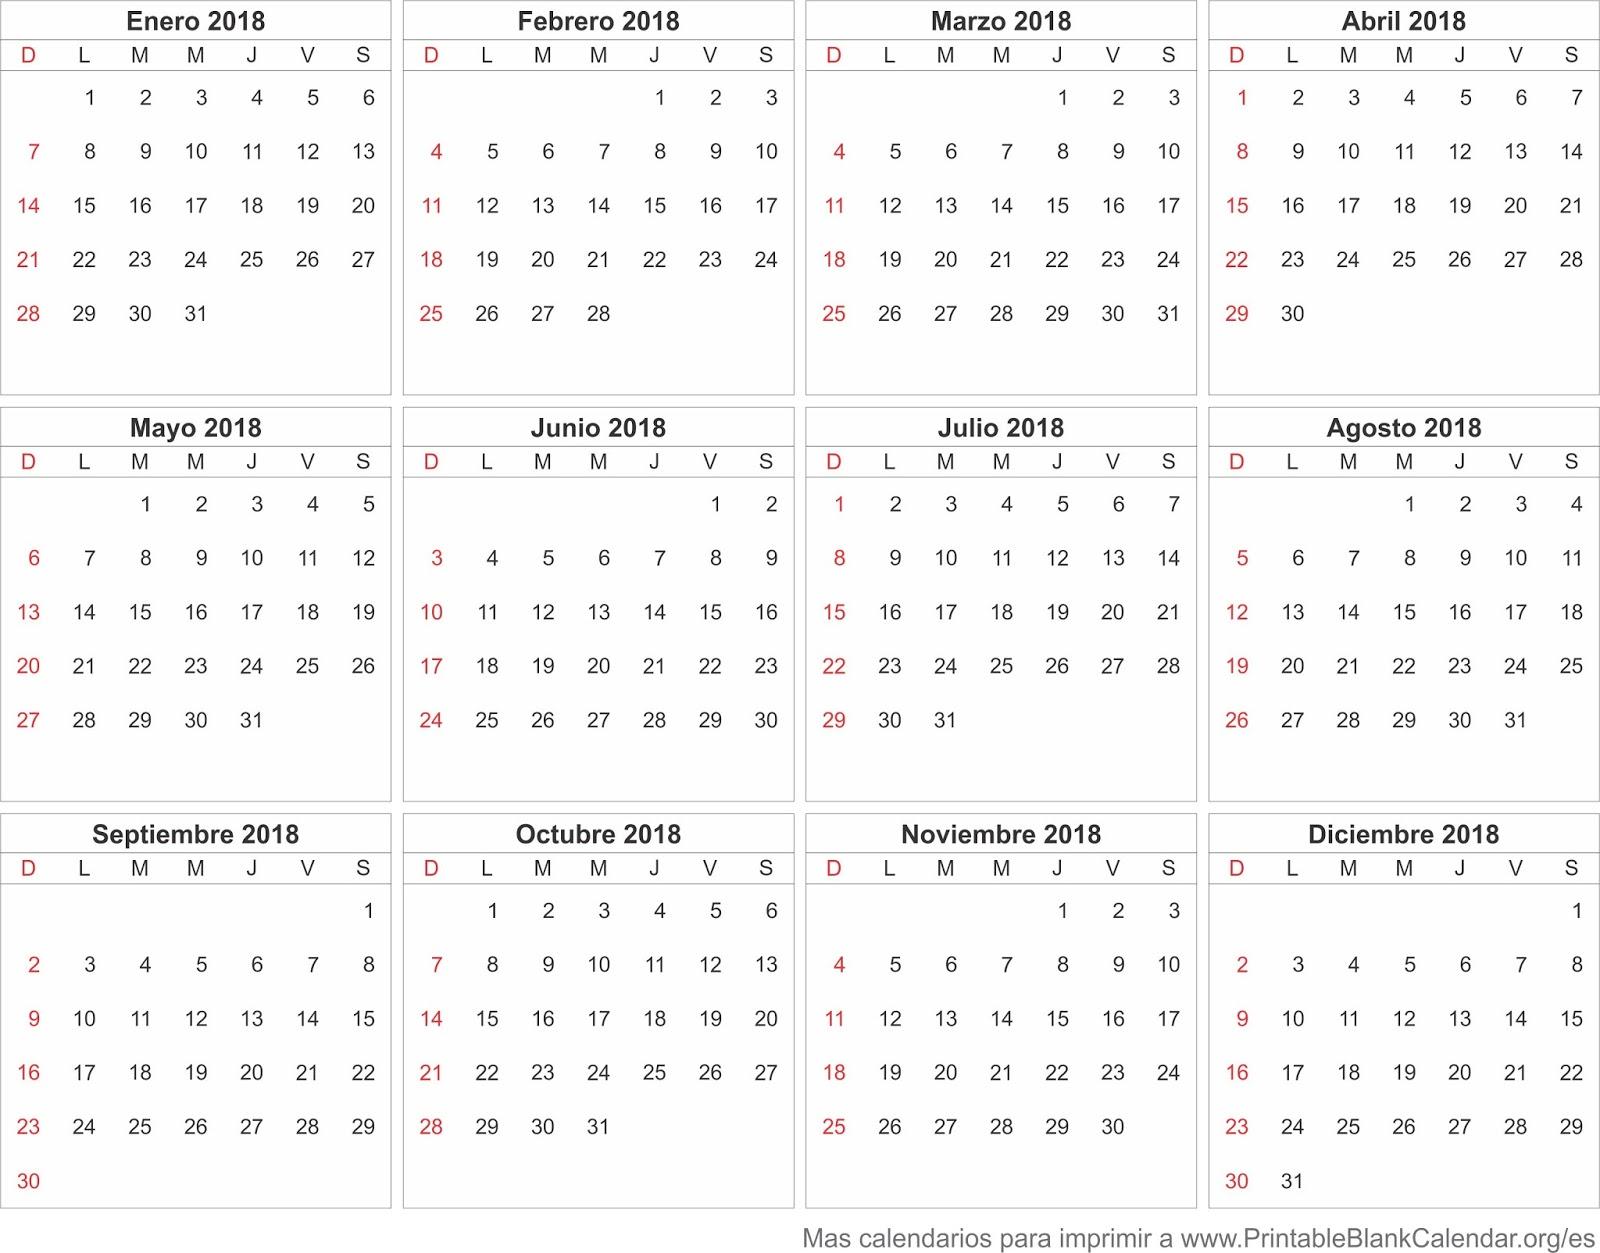 Calendario 2o18.Download Wallpapers Free Calendario 2018